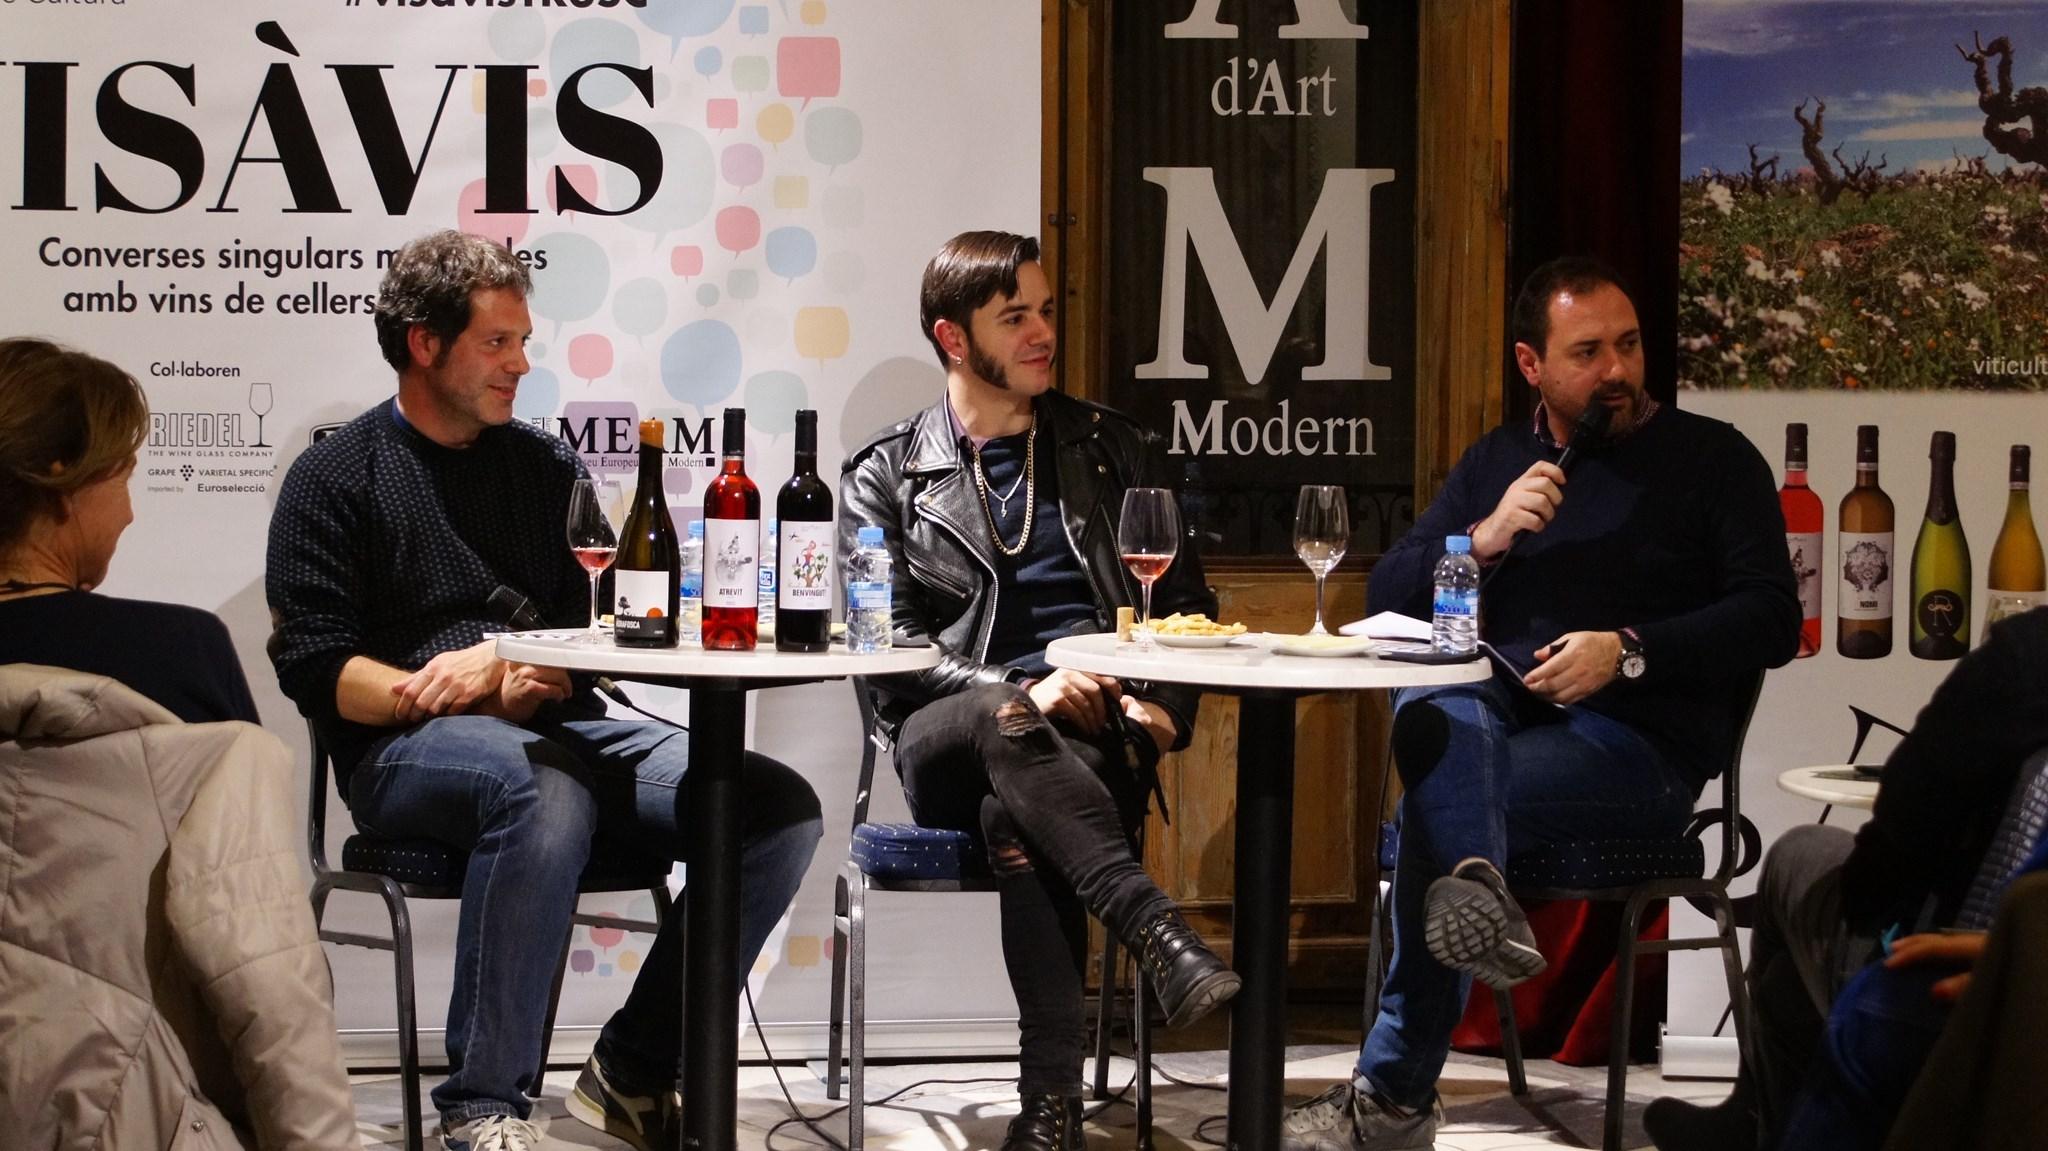 #VisàVis amb Arnau Tordera i el celler Can Descregut